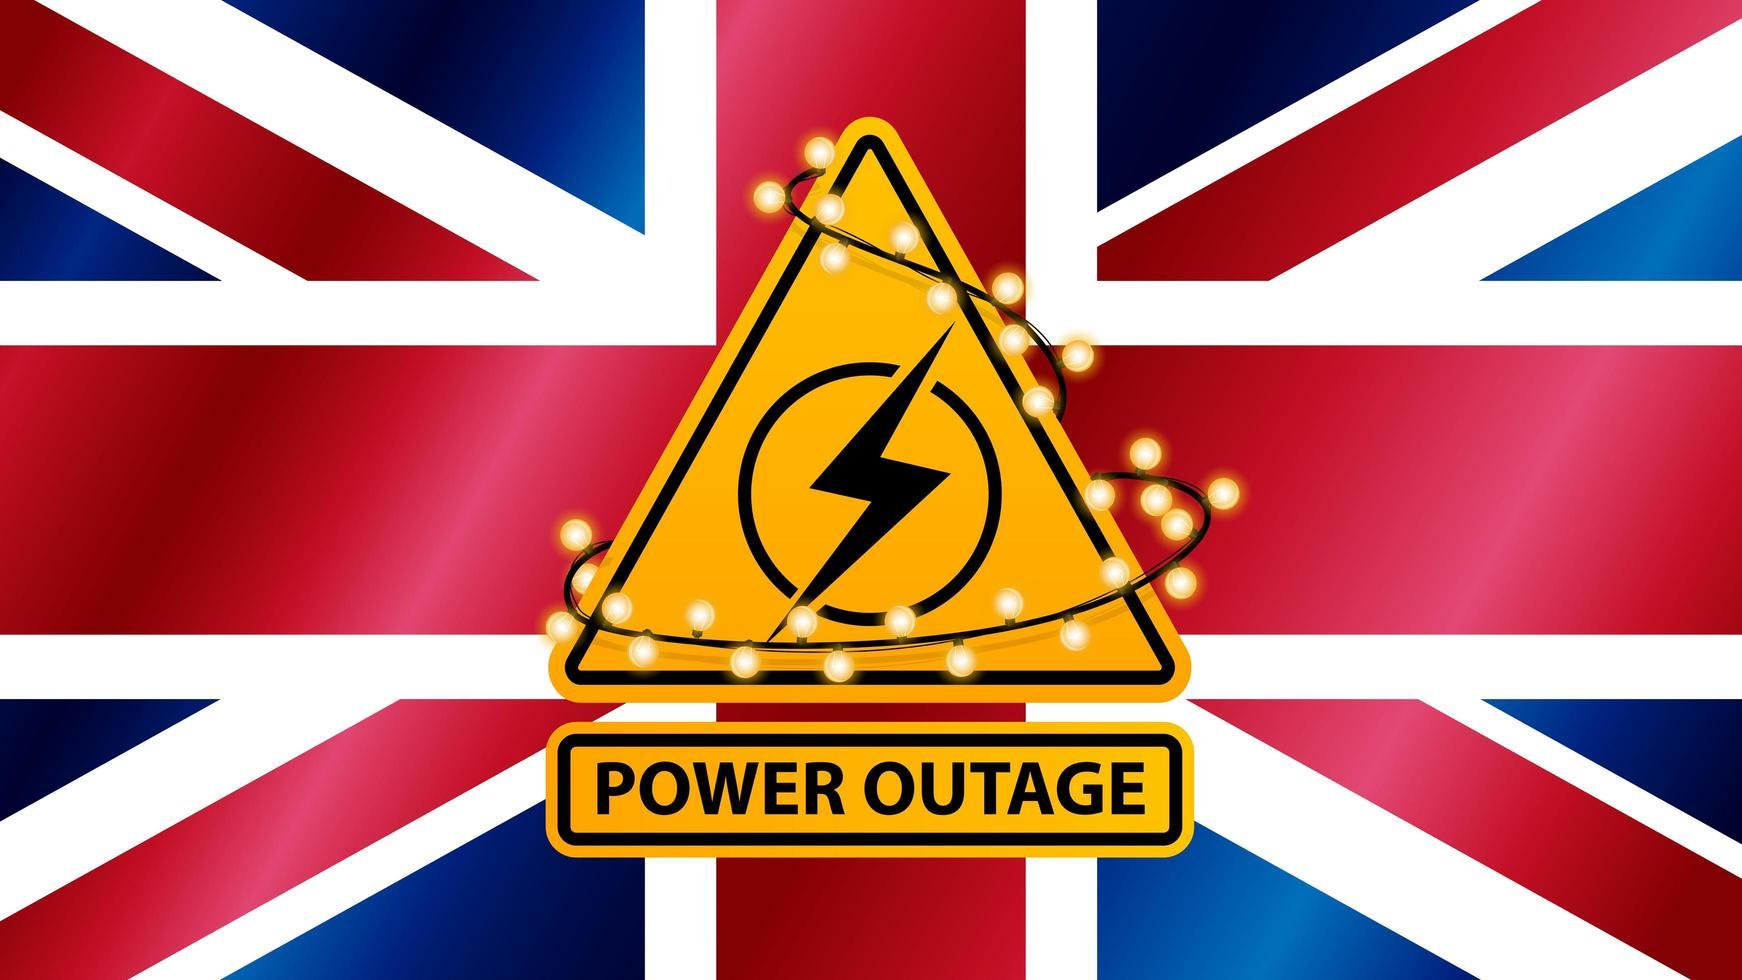 interruzione di corrente, segnale di avvertimento giallo avvolto con una ghirlanda sullo sfondo della bandiera della Gran Bretagna vettore